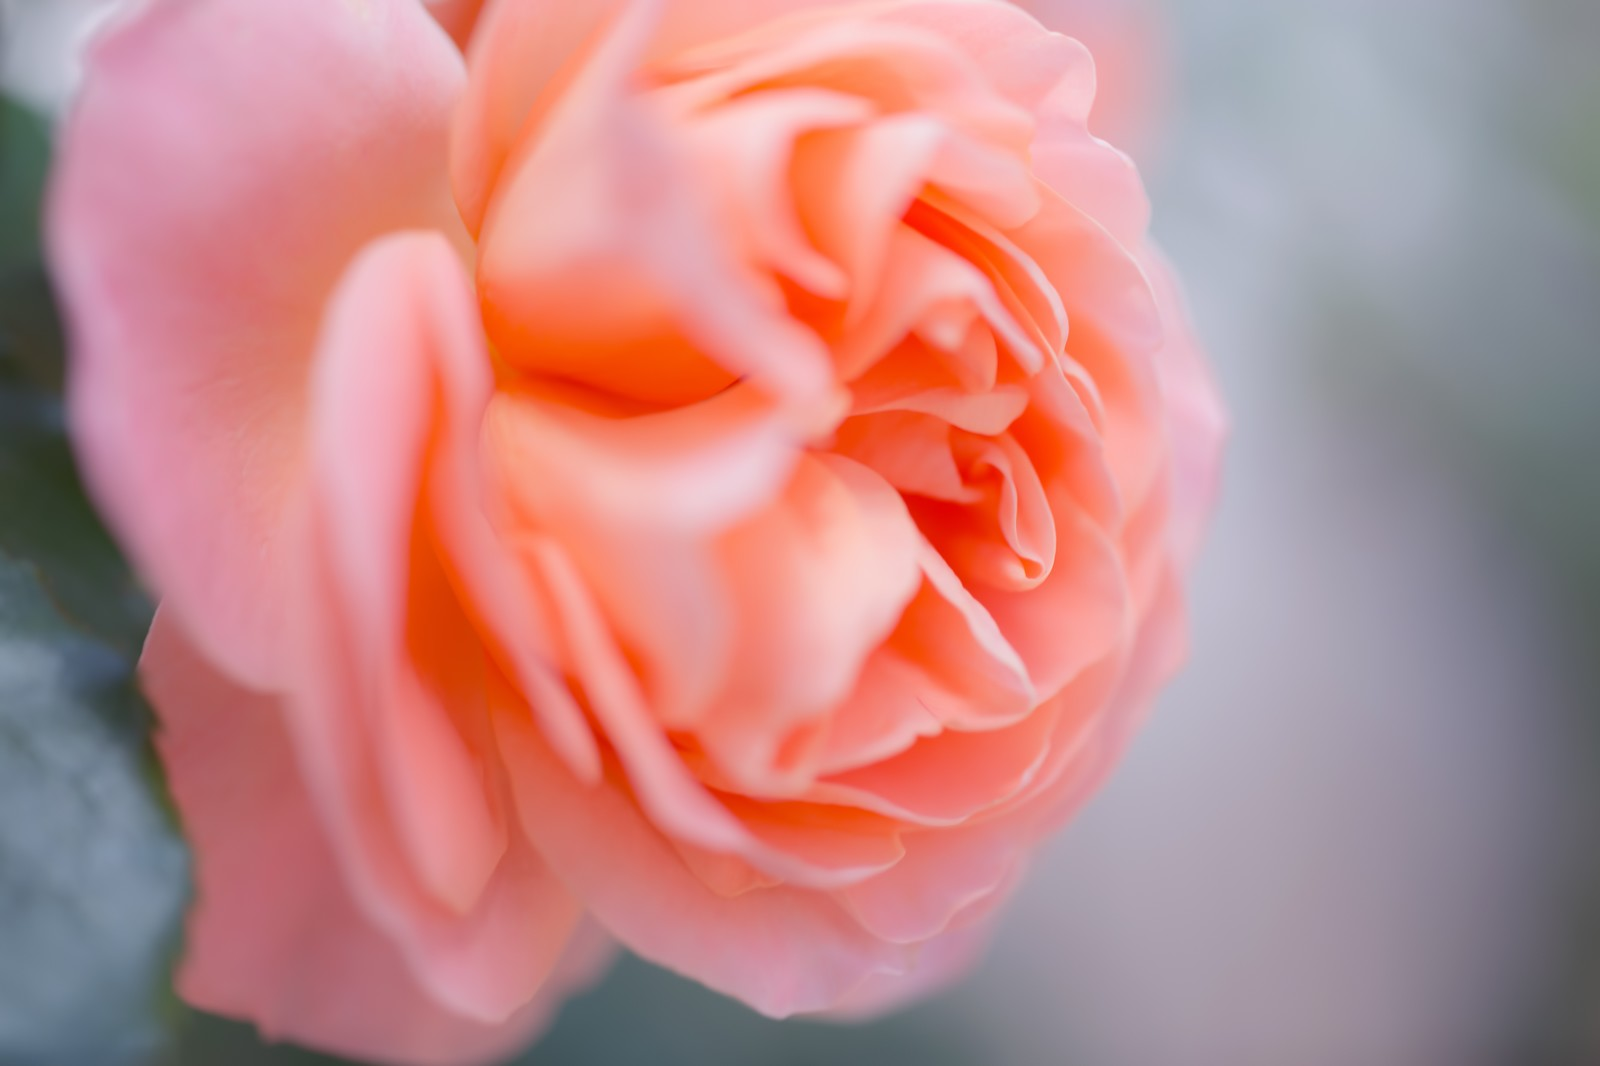 「薄いピンクの薔薇」の写真